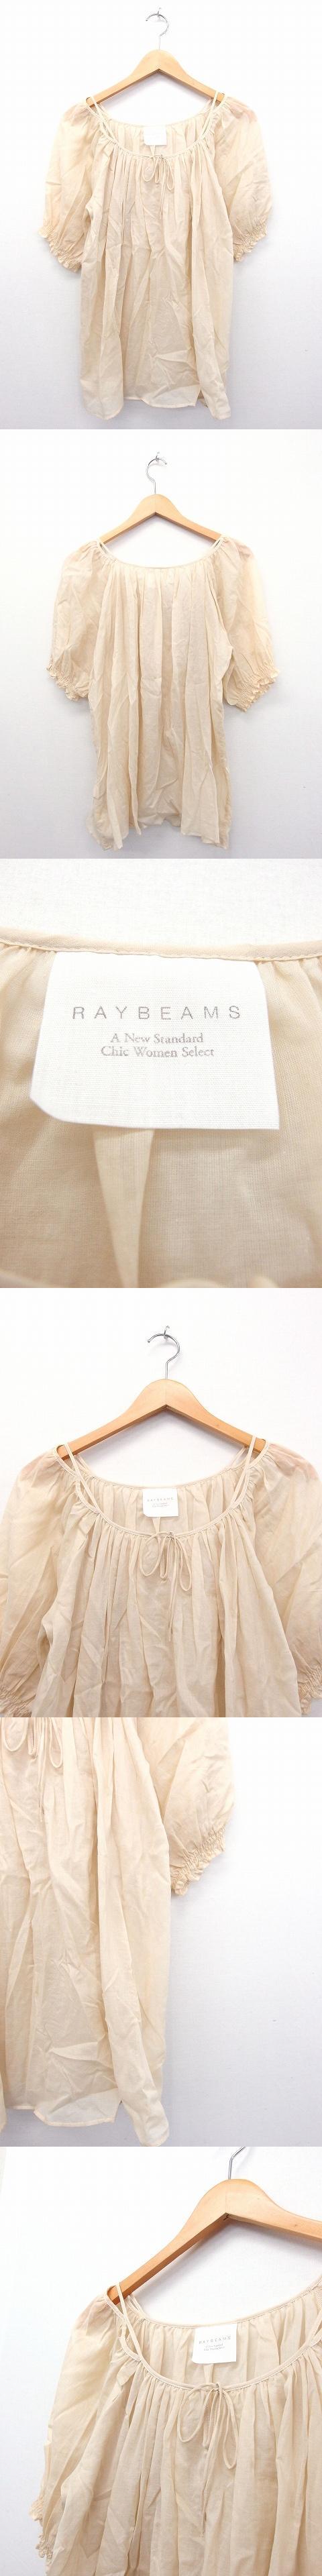 シャツ ブラウス 半袖 丸首 リボン 綿 コットン 無地 シンプル アイボリー 白 /KT22